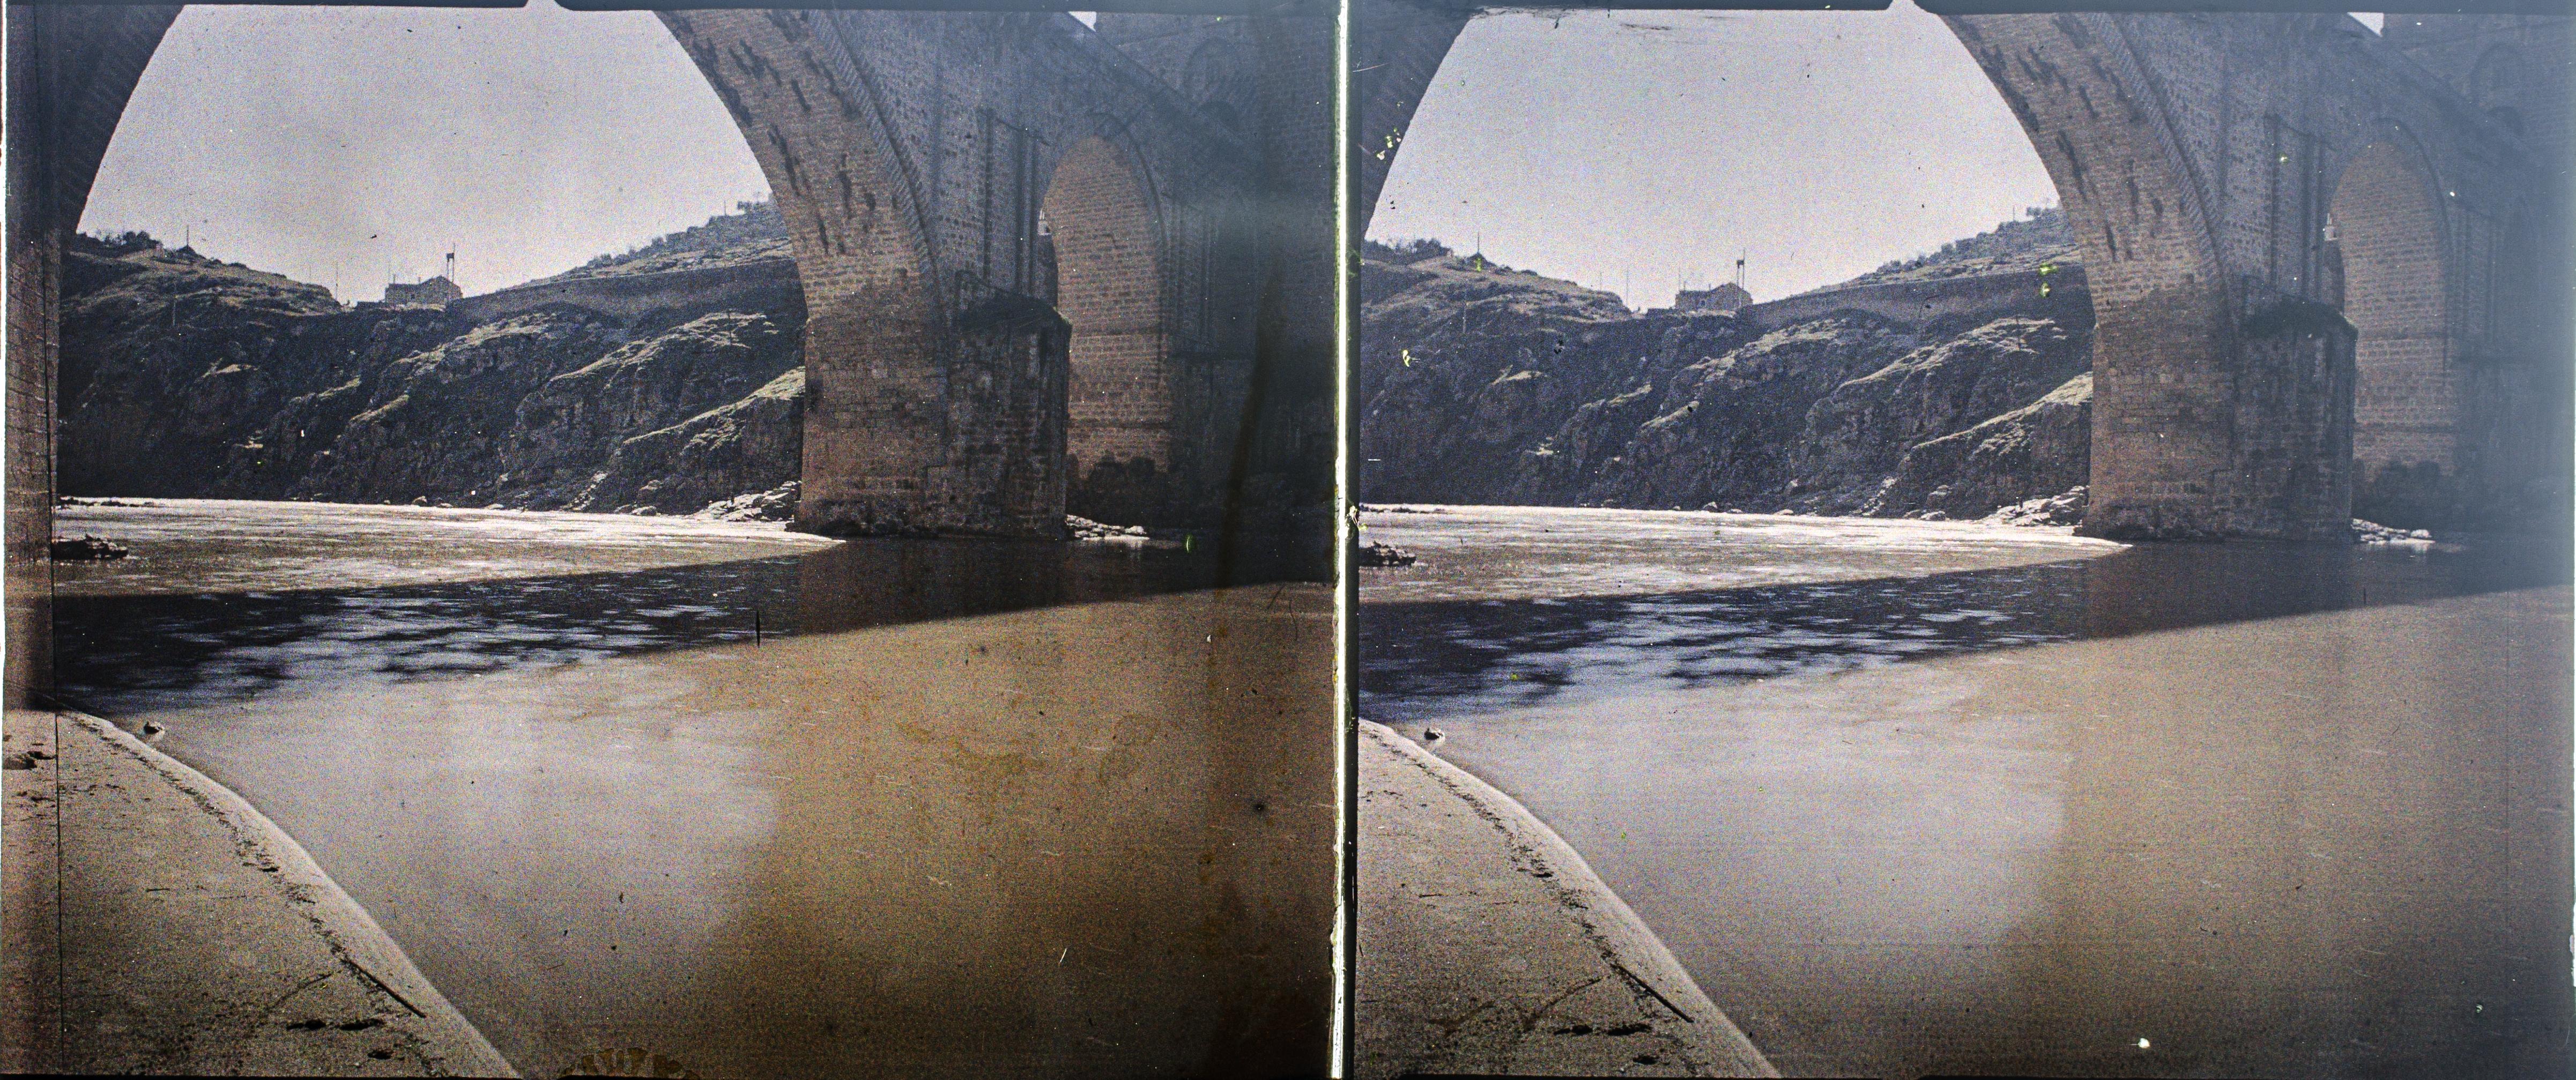 Autocromo del Puente de San Martín hacia 1910. Fotografía de Francisco Rodríguez Avial © Herederos de Francisco Rodríguez Avial